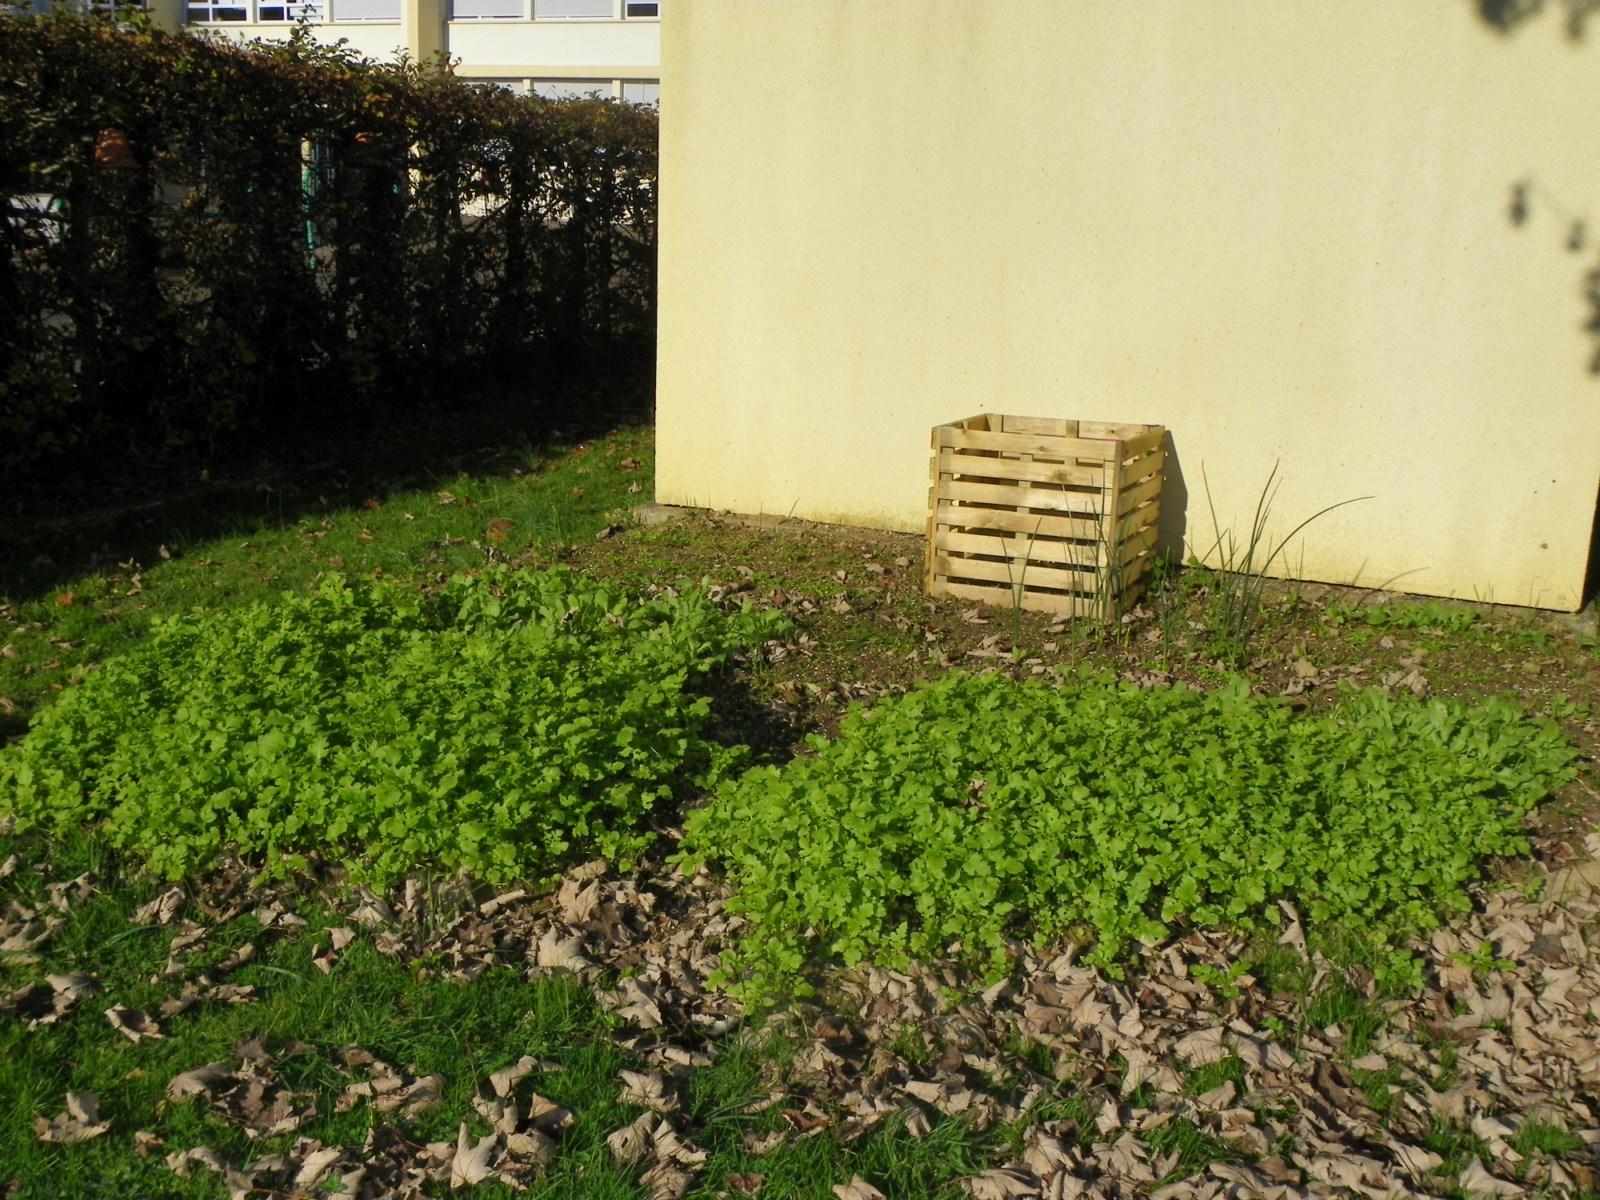 Les petits donzelot o en sont nos plantations en avril - Jardin novembre ...